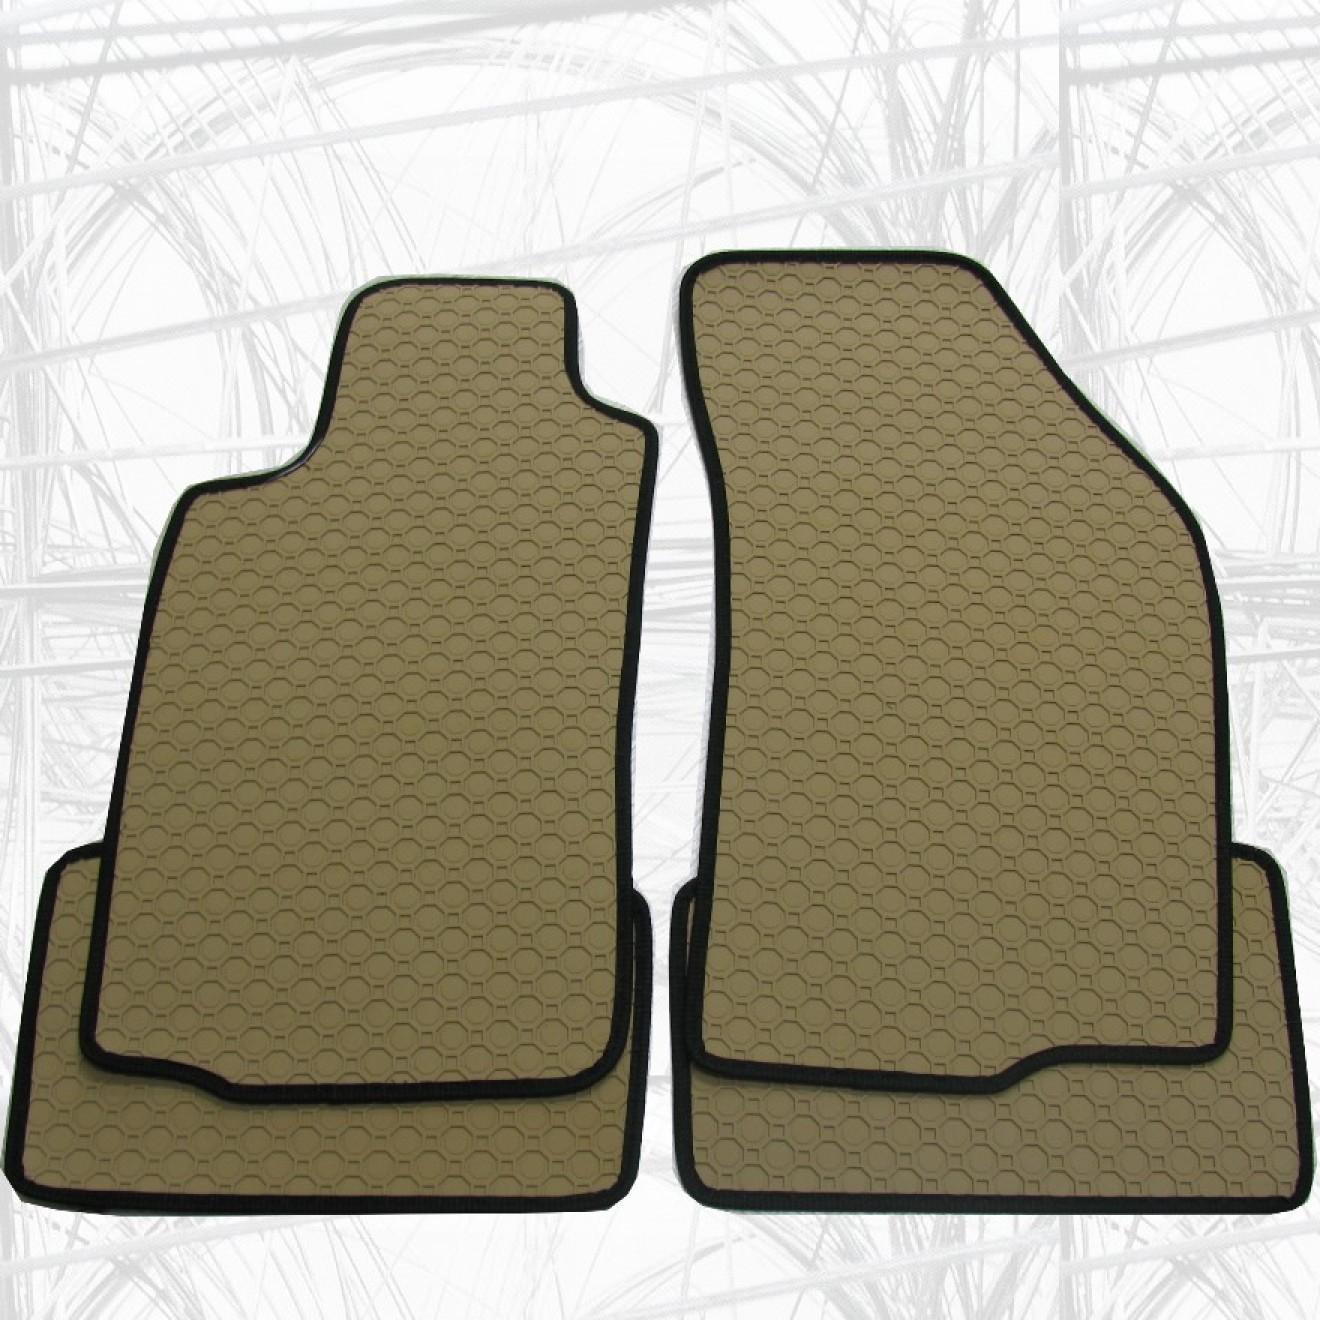 gummifussmatten nach mass in anthrazit und beige. Black Bedroom Furniture Sets. Home Design Ideas